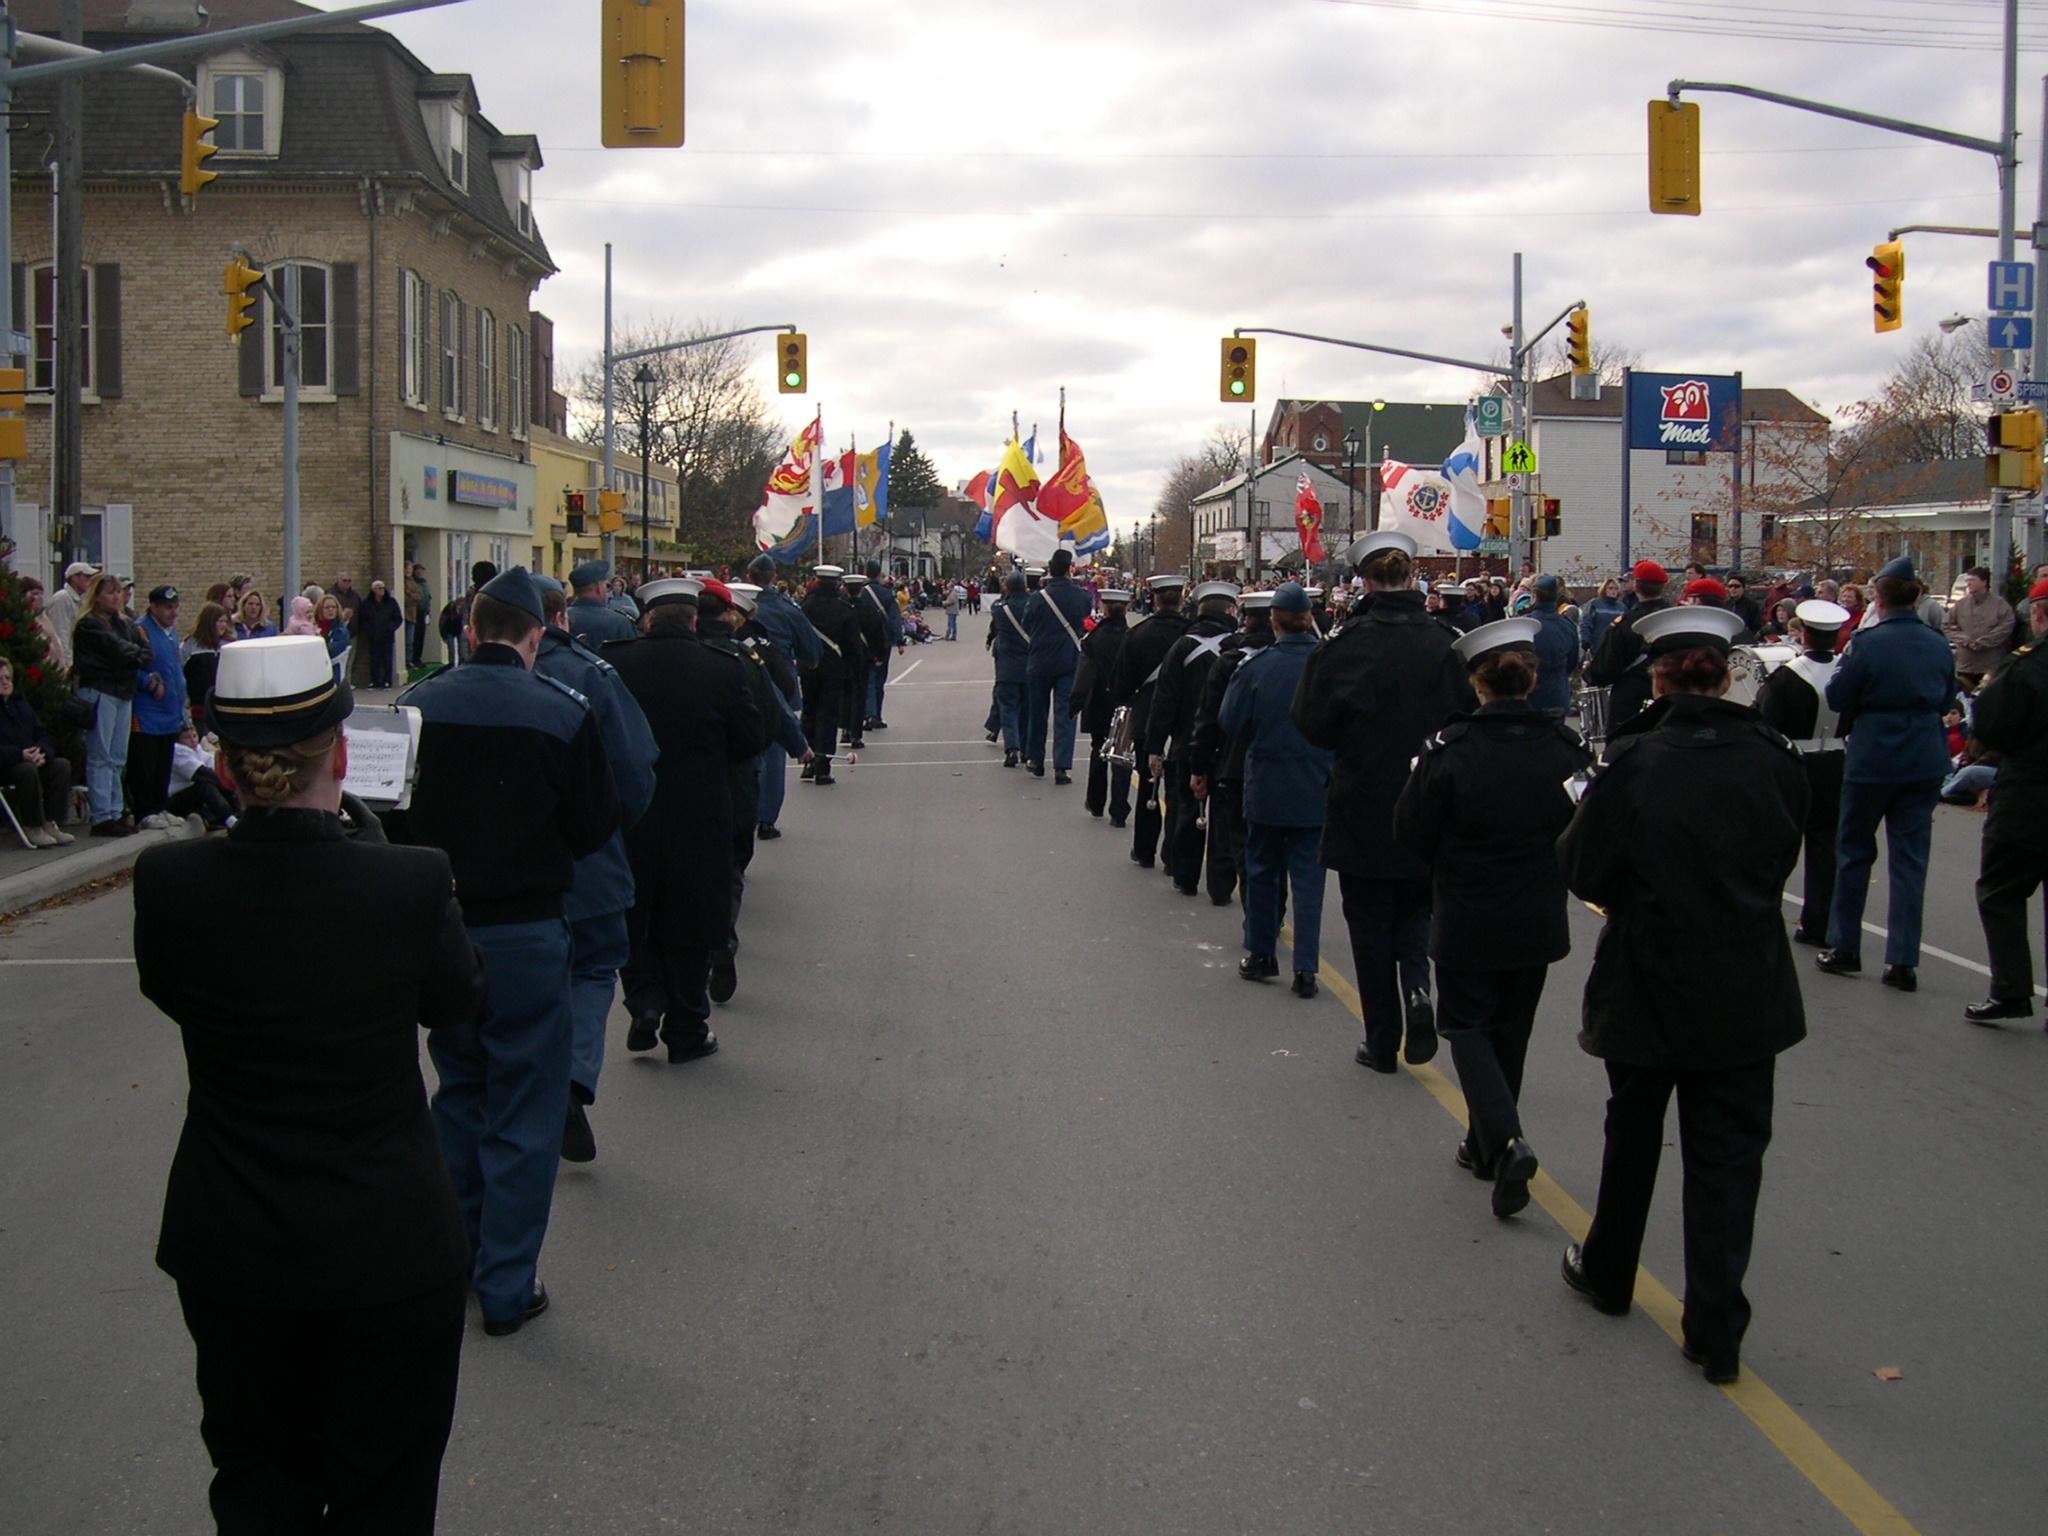 04-11-21 Cobourg Santa Claus Parade, Photo 09